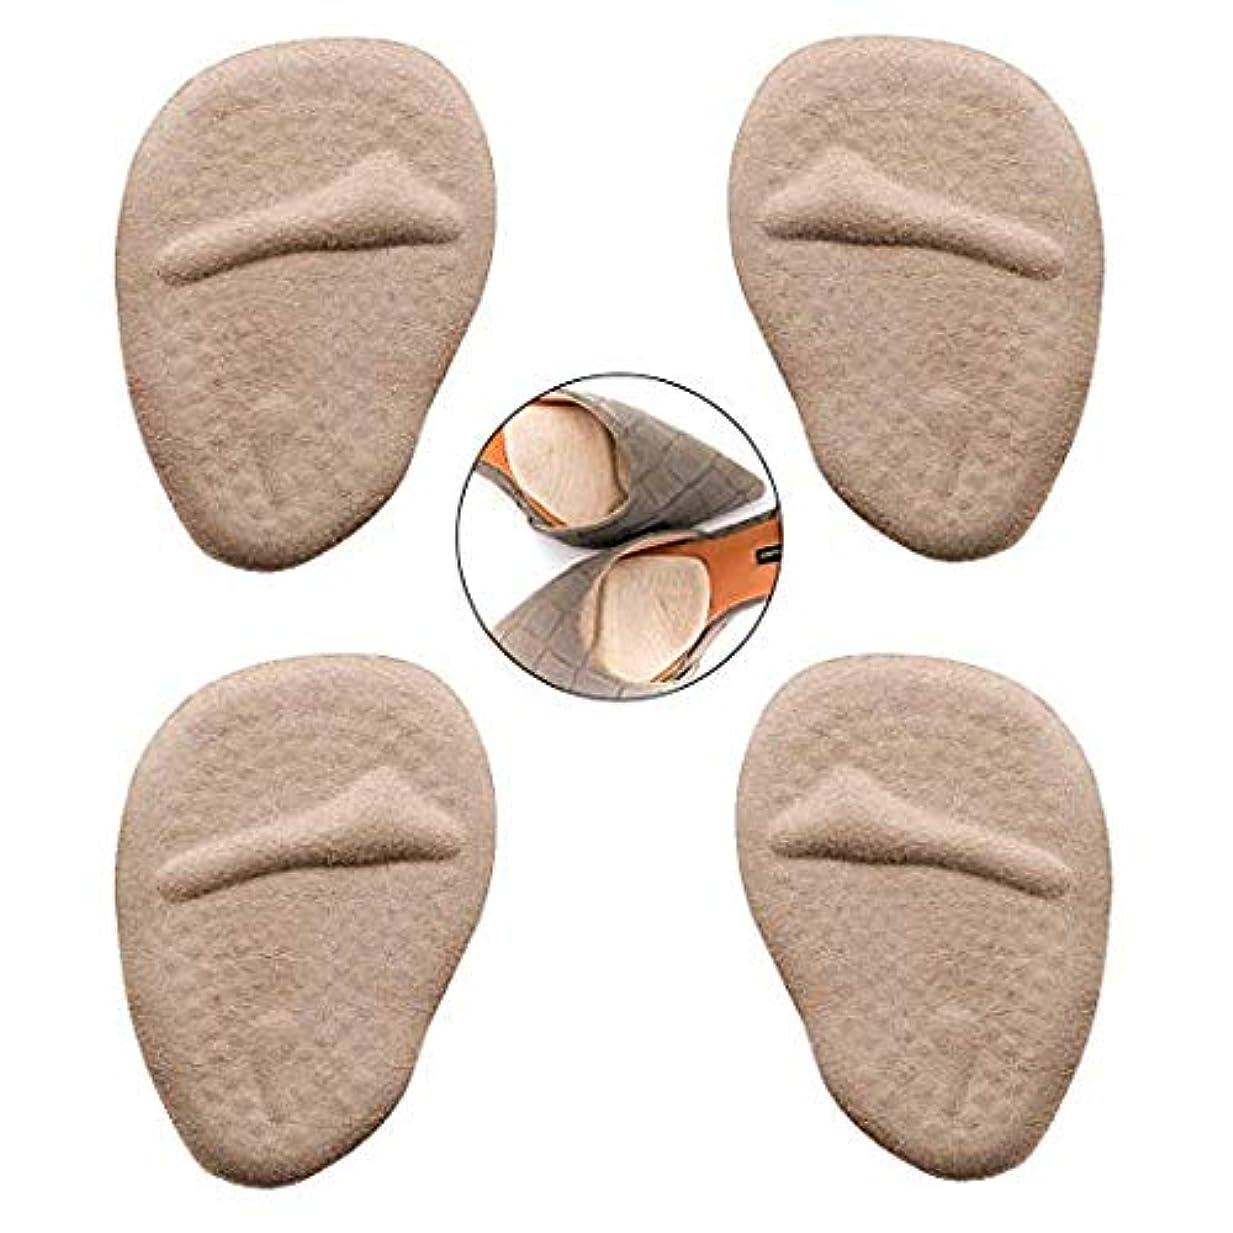 エチケットラッカス同志女性用2ペア中足パッド、フットクッションのプロの再利用可能なシリコンボール、終日の痛みの緩和と快適さ、靴の挿入物に合うサイズ